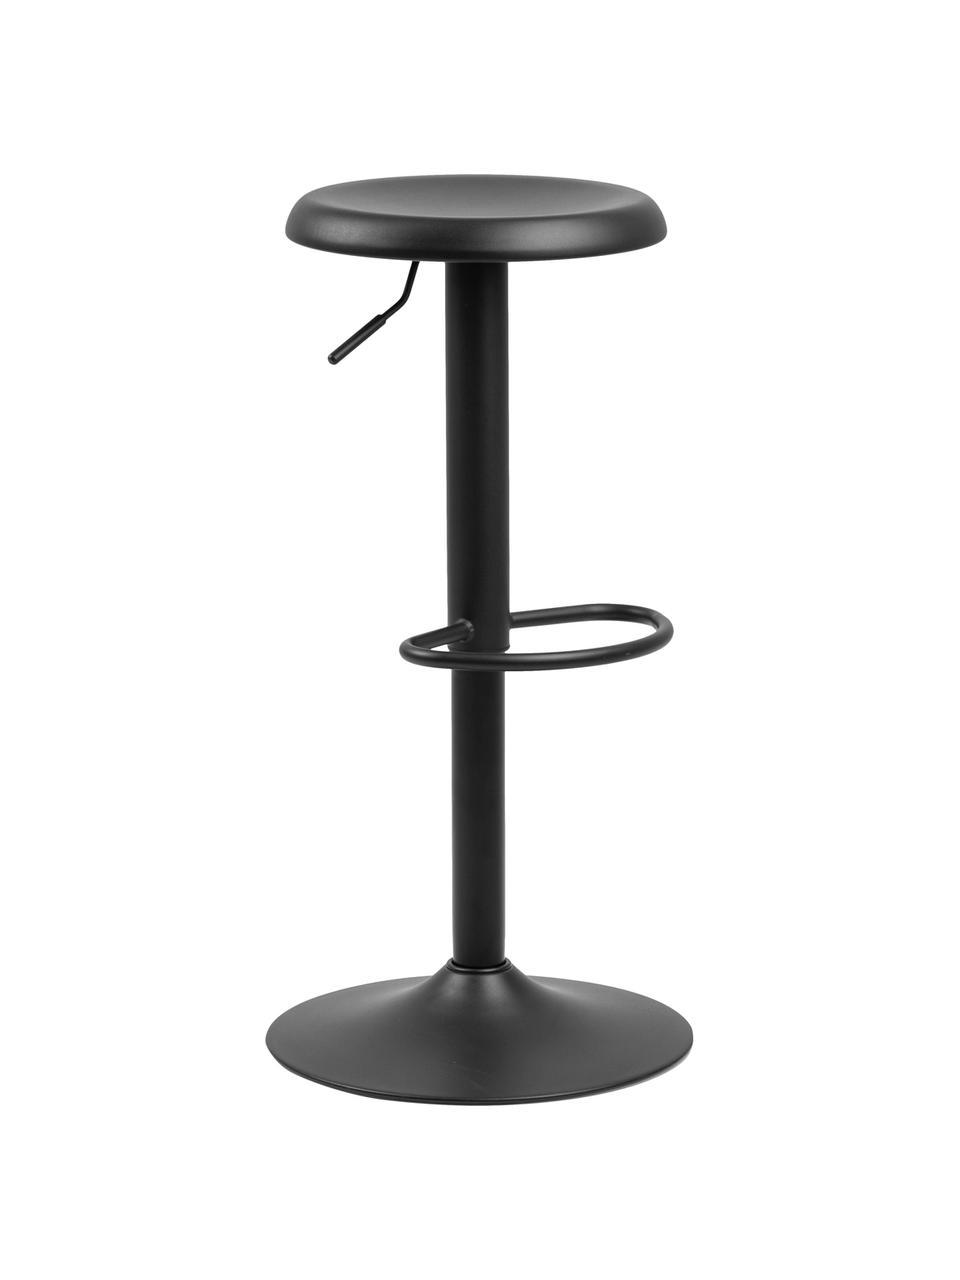 Höhenverstellbarer Barhocker Finch in Schwarz, 2 Stück, Metall, pulverbeschichtet, Schwarz, Ø 40 x H 80 cm